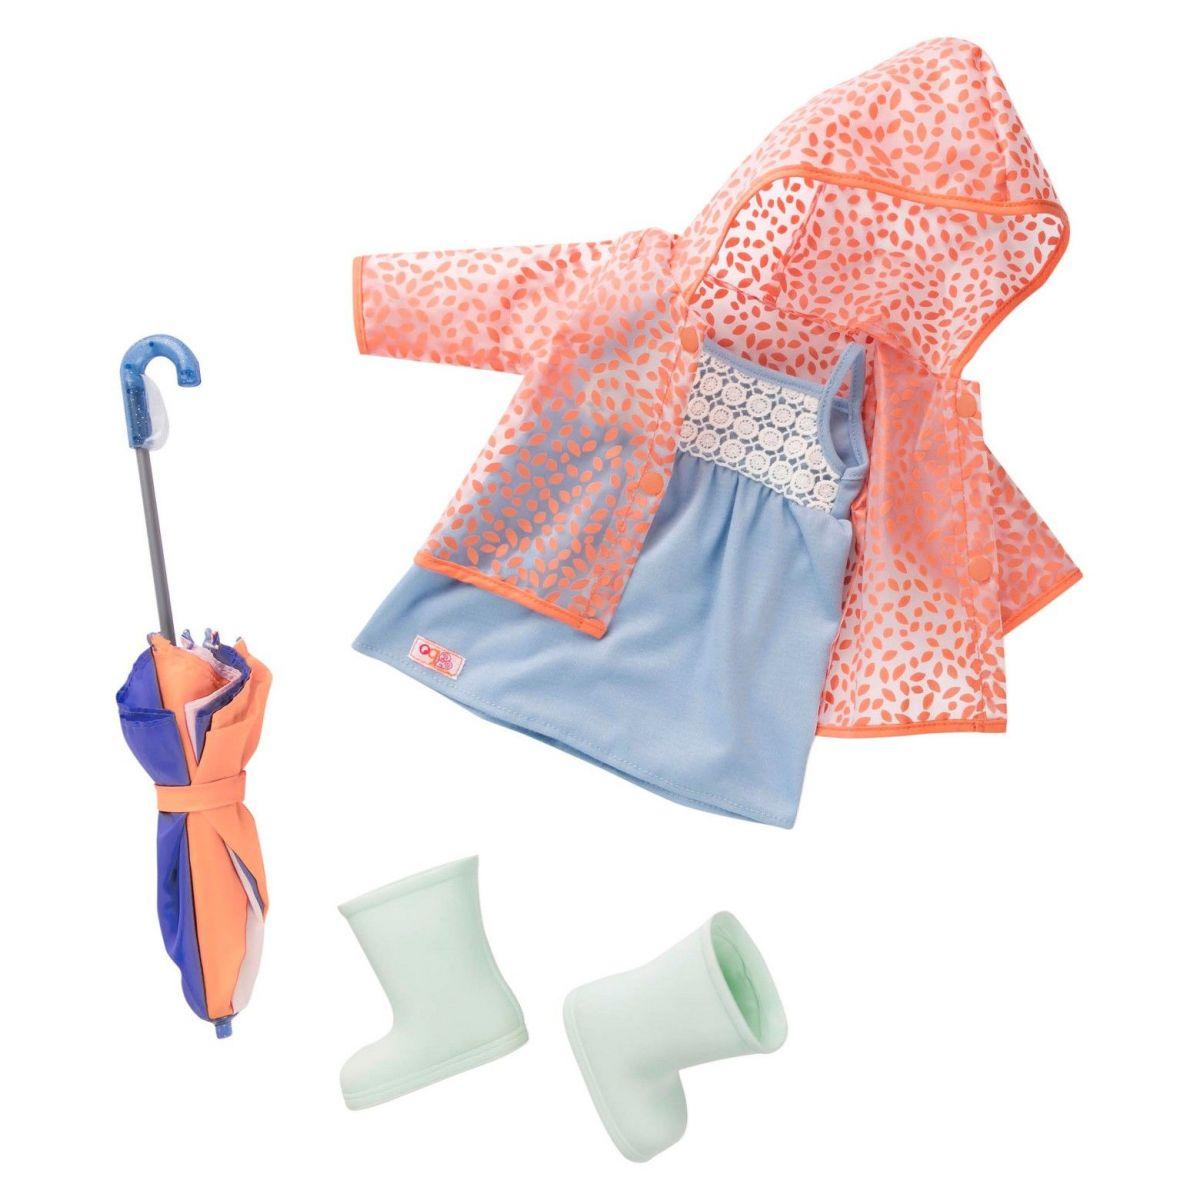 Battat Obleček do deště s deštníkem